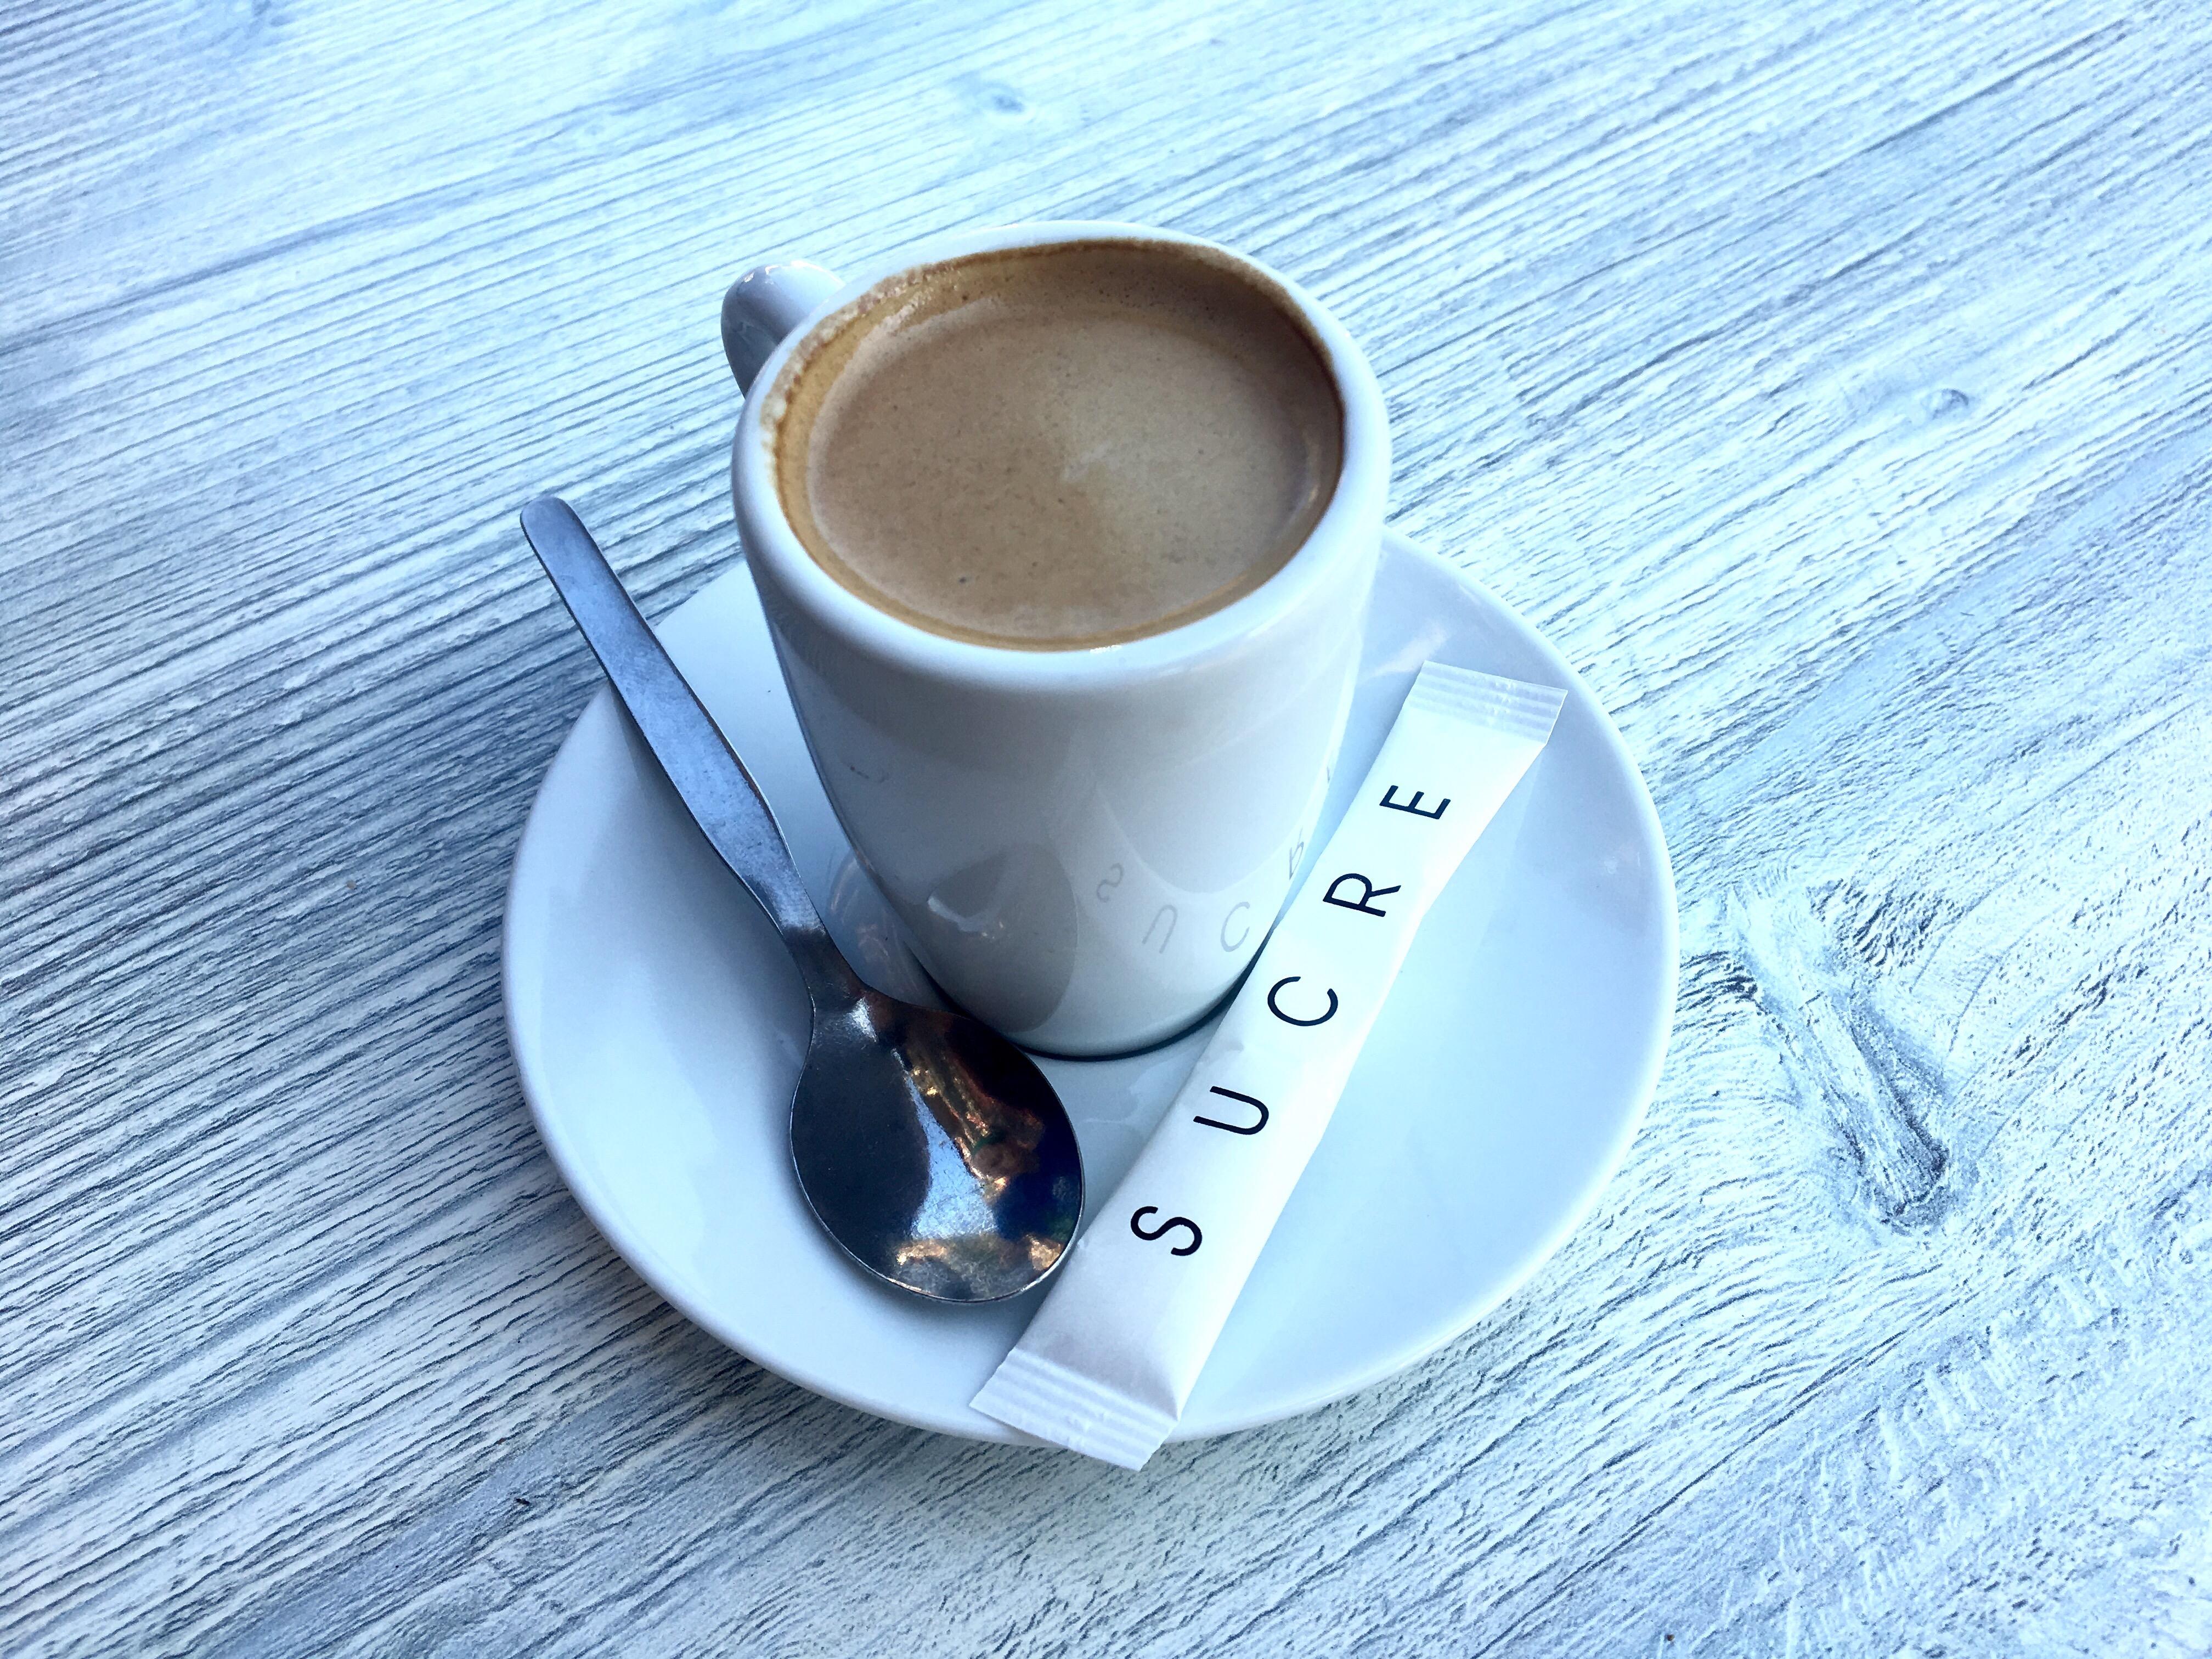 Café crème, Chemin du Puy, France